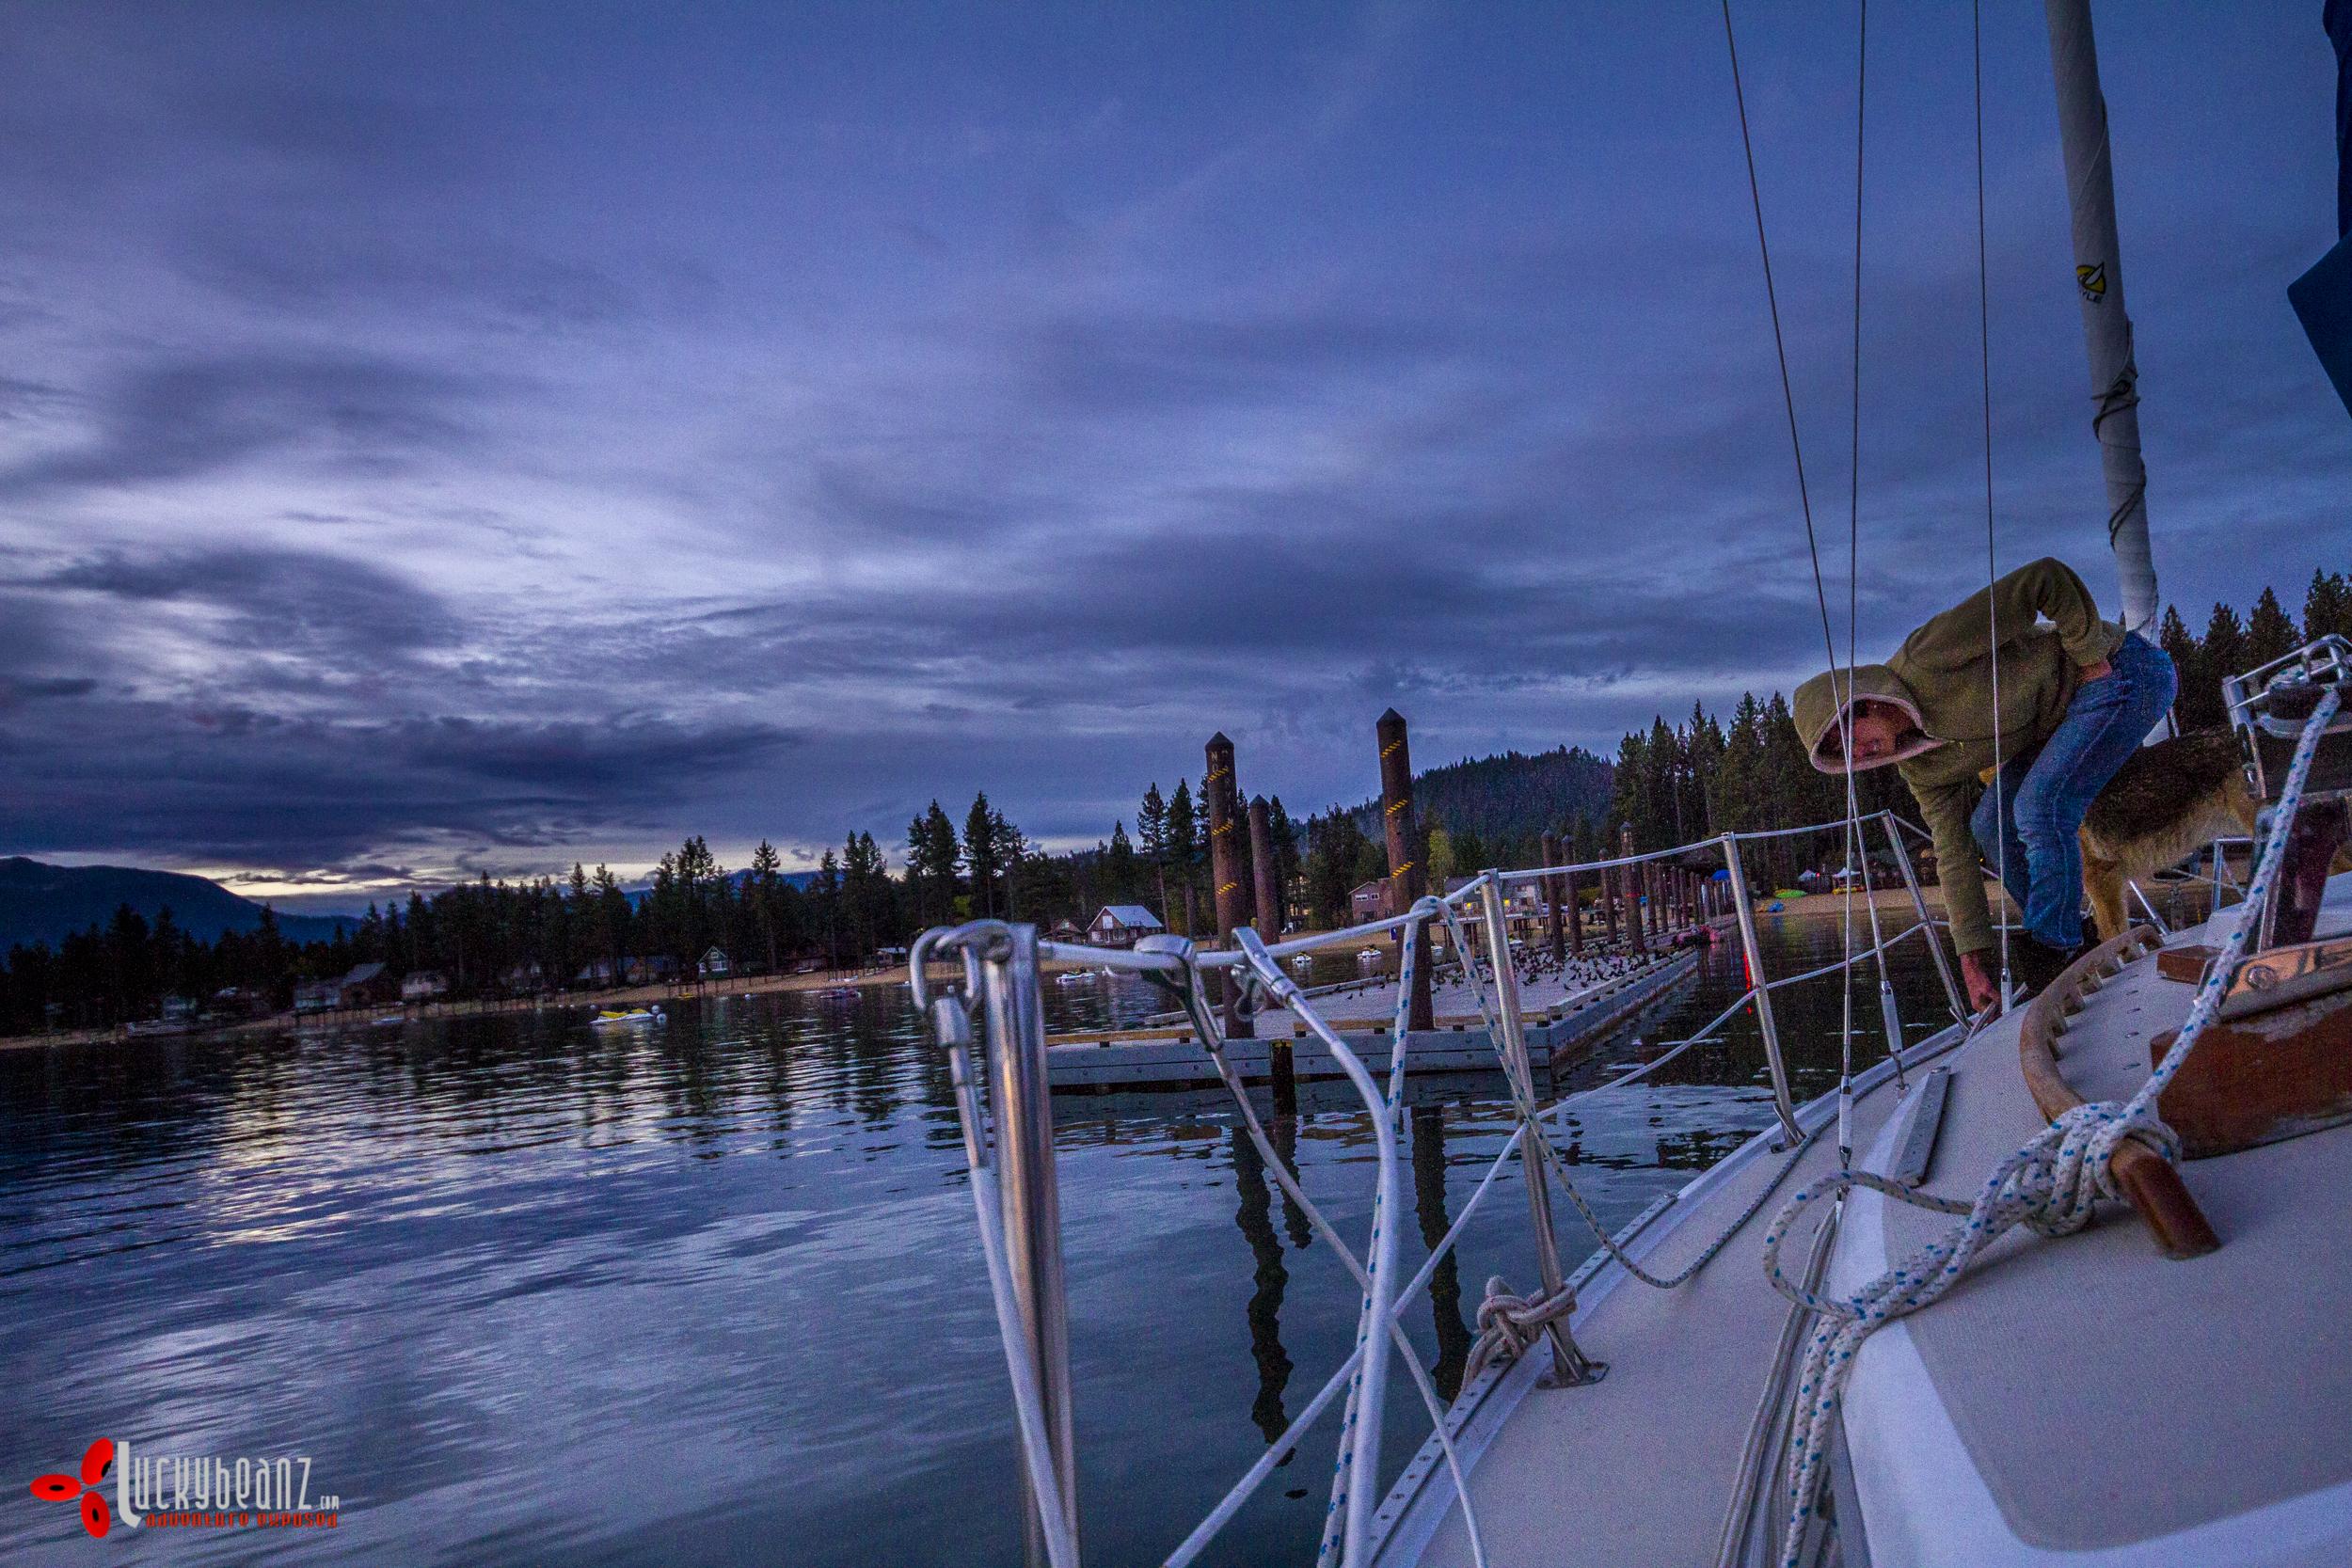 Heading to dock.